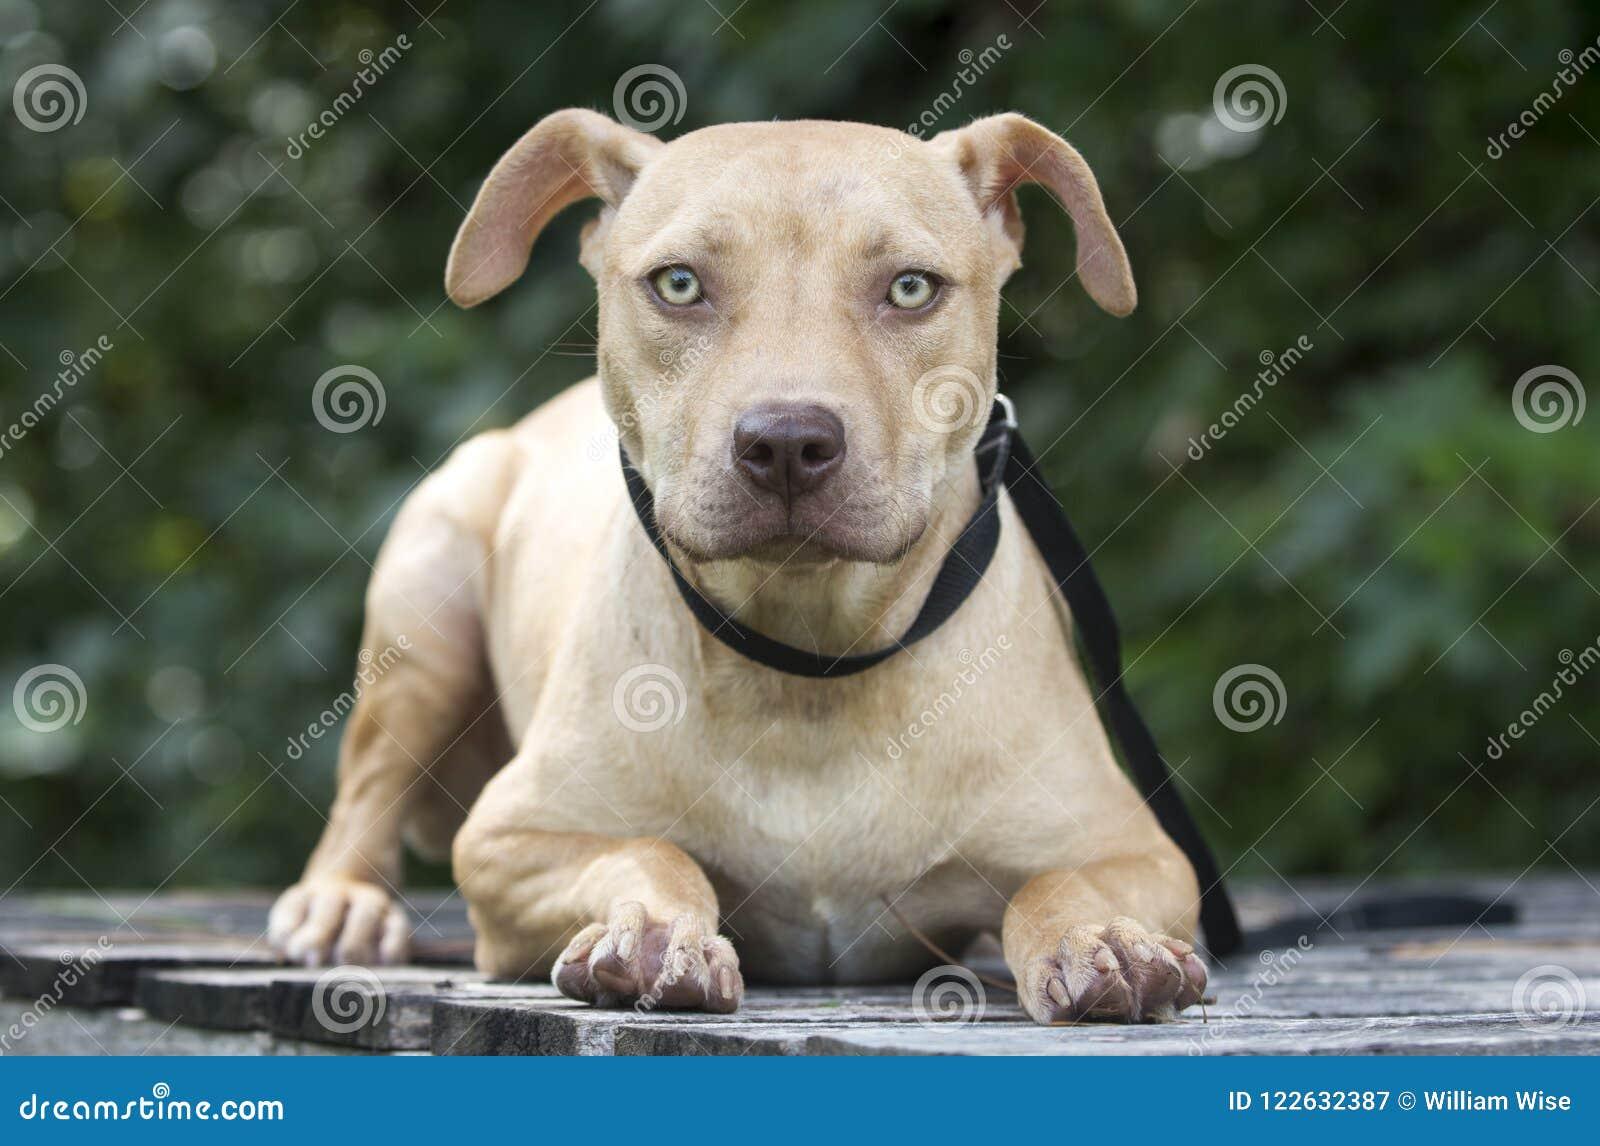 Pitbull Puppy Dog Adoption Portrait Stock Image - Image of